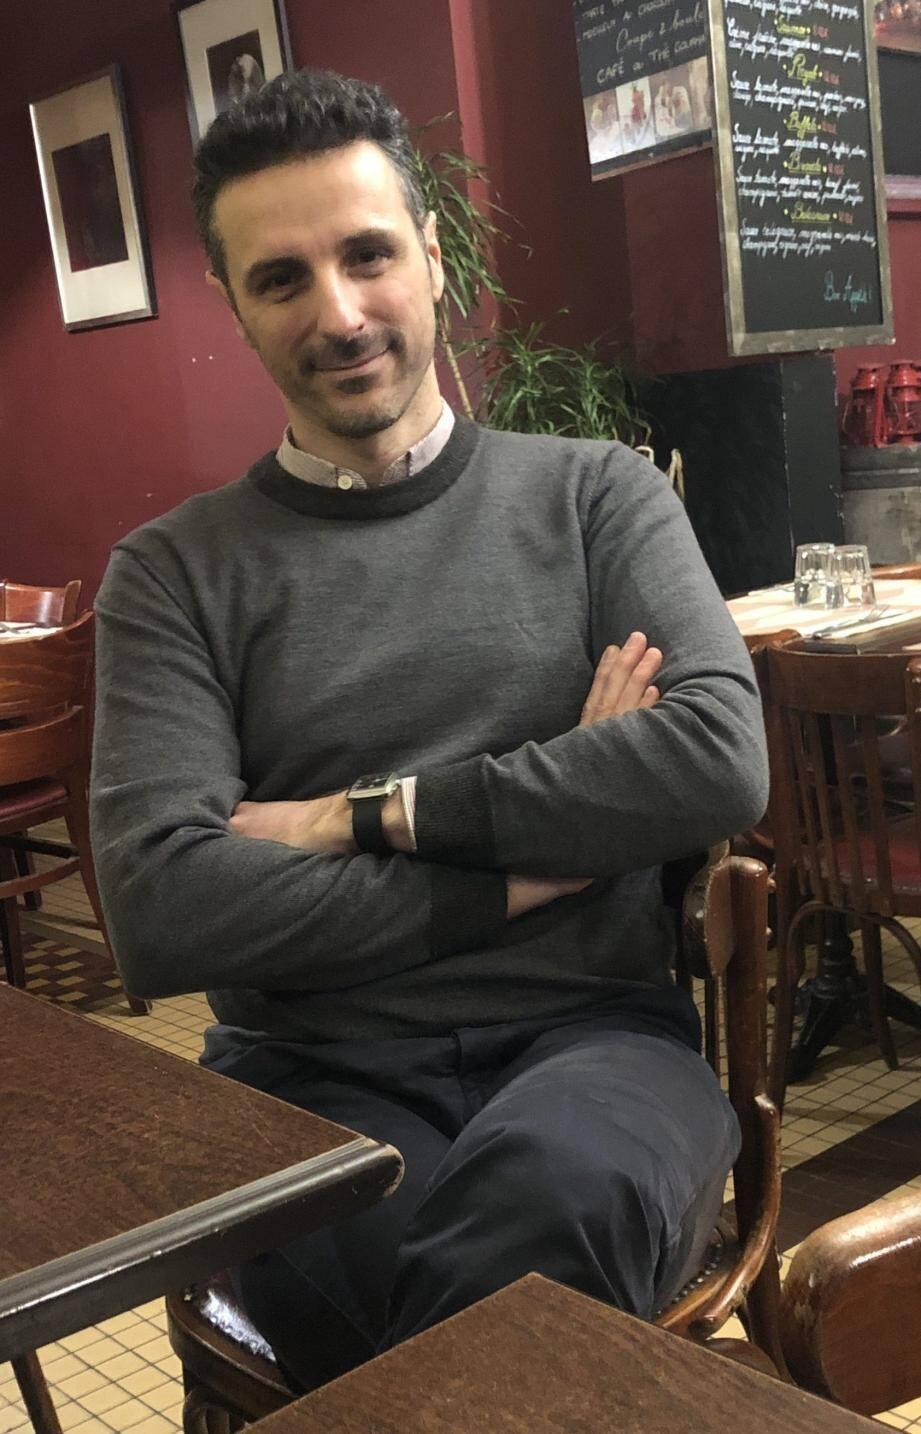 Fabien Forchino : « Personne ne devrait accepter d'être celui qui ferait échouer la négociation : il en porterait une très lourde responsabilité devant les générations futures. »